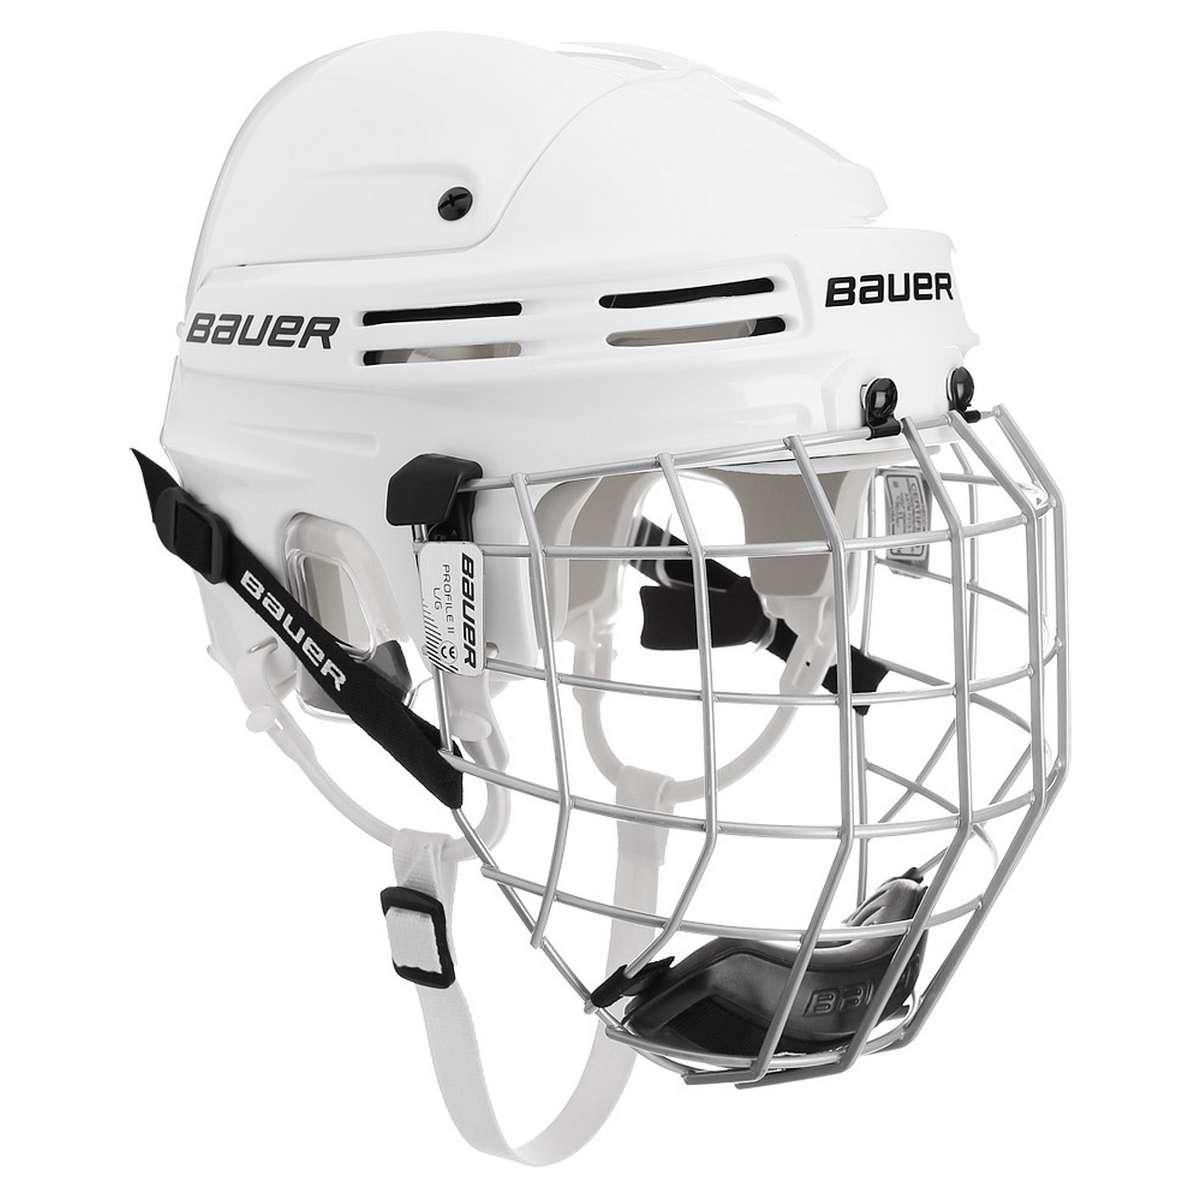 Hokejová prilba Bauer 2100 Kombo Sr - Sporthockey.sk 01745a76cd